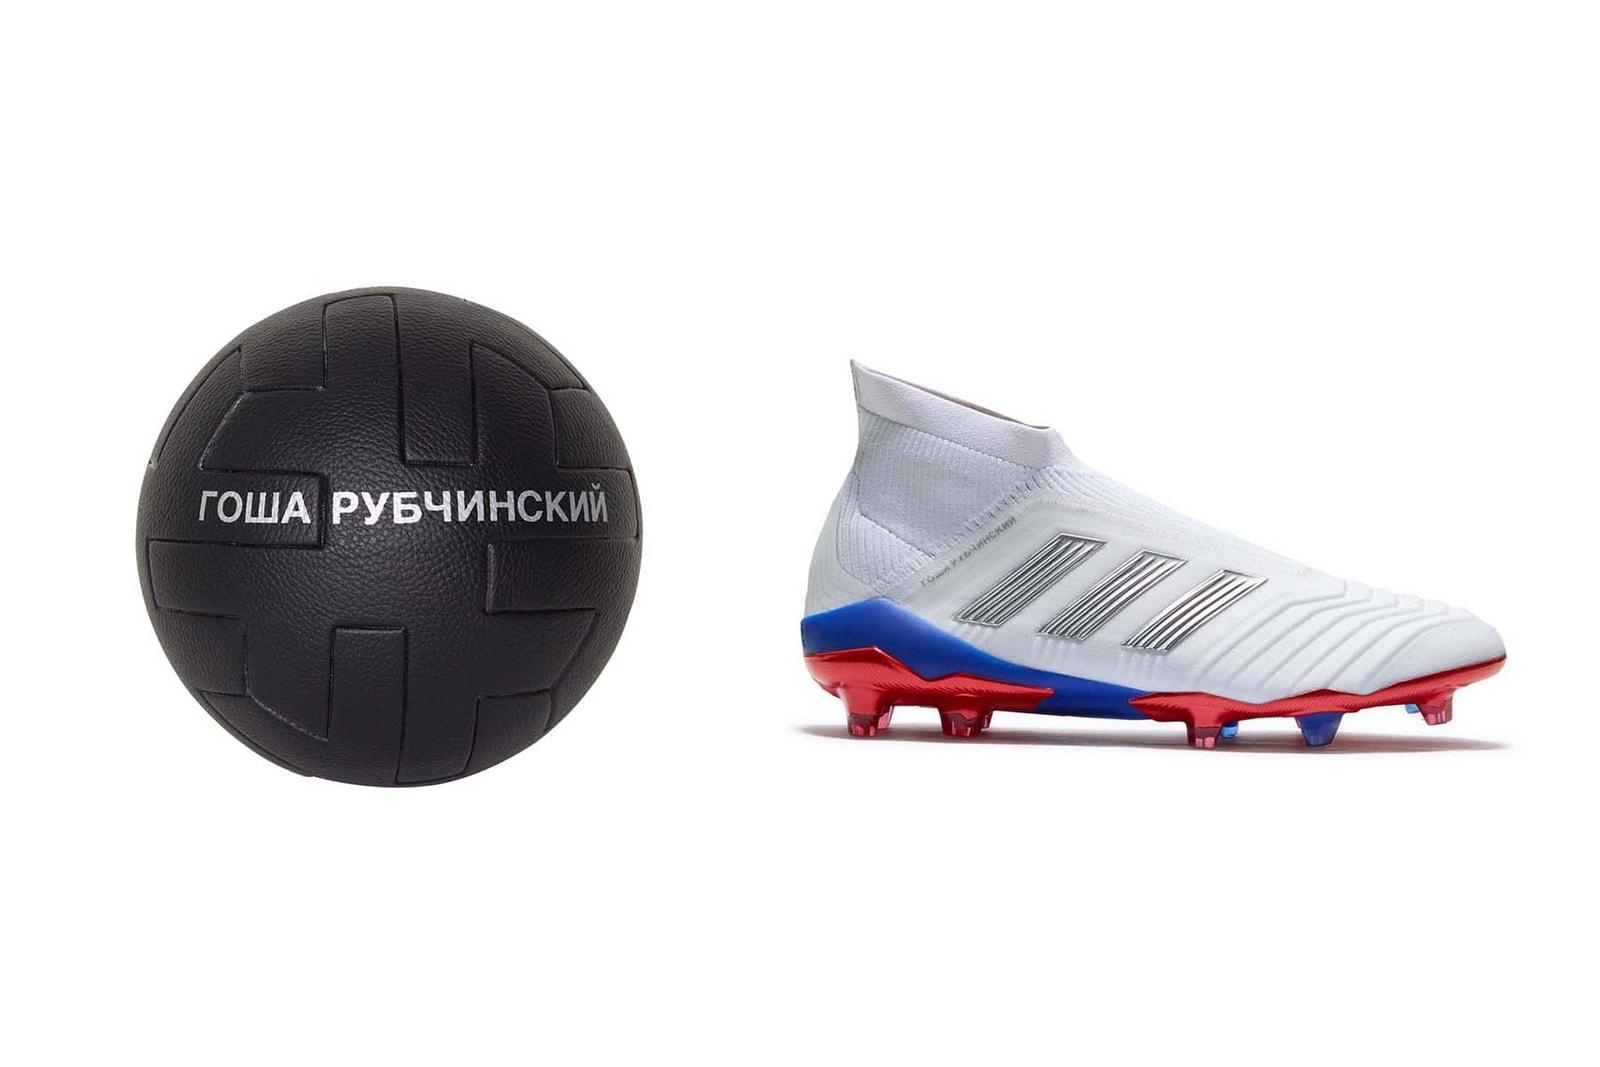 見逃したくない今週のリリースアイテム 7 選(2018 6/11~6/17)〈Off-White™〉x〈NikeLab〉によるW杯記念のフットボールコレクションに加え、〈7 Moncler Fragment Hiroshi Fujiwara〉がデリバリー開始 HYPEBEAST ハイプビースト